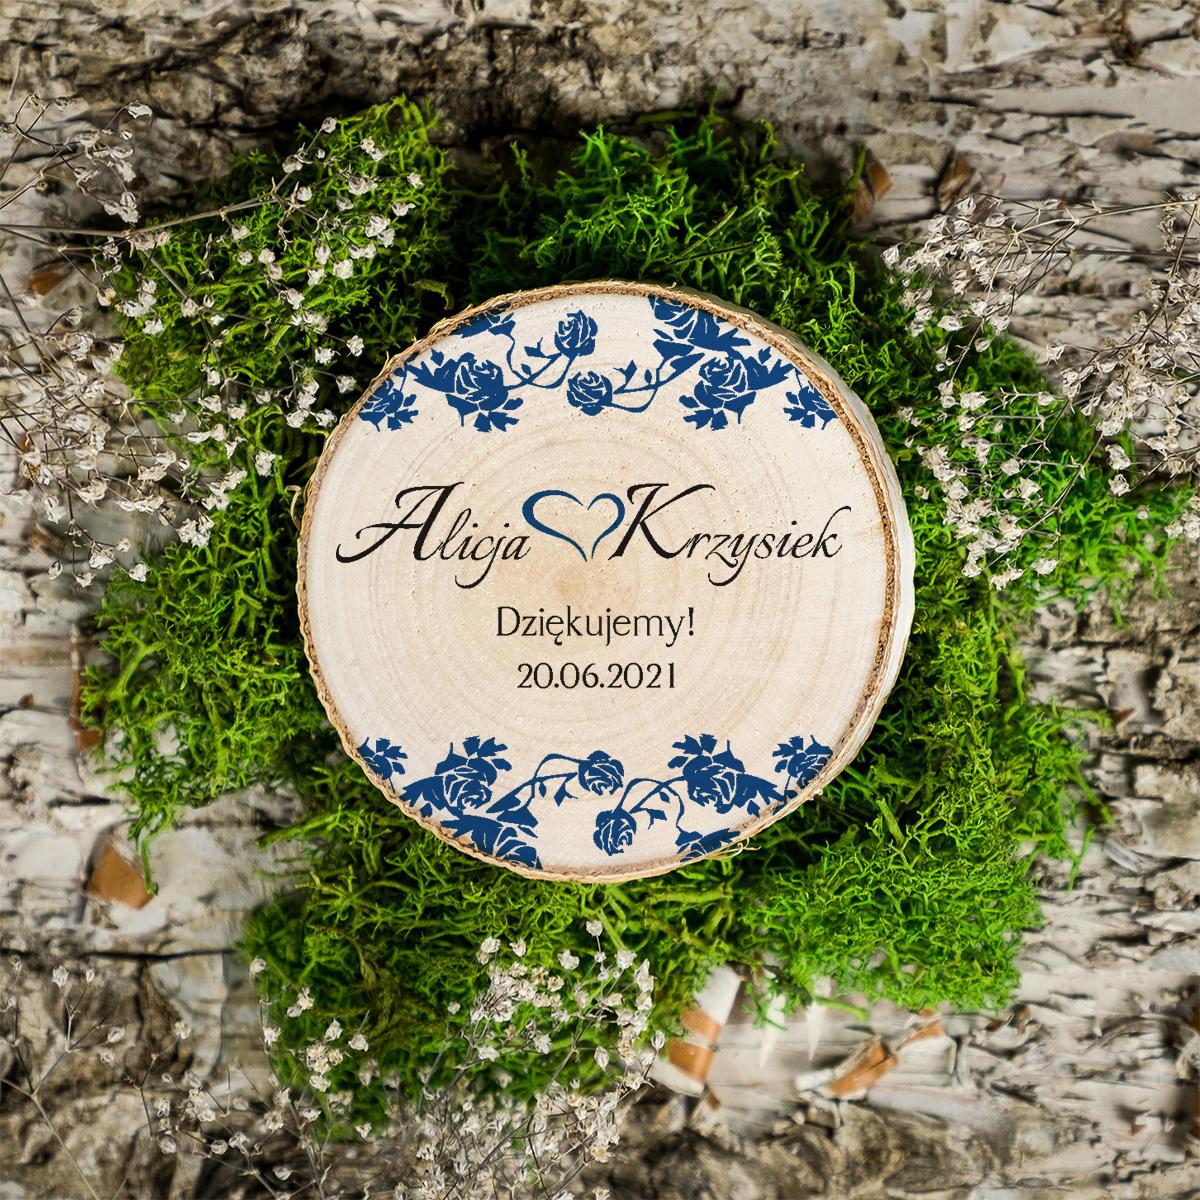 Magnes na plastrze brzozy - Ornament z kokardką - Granat